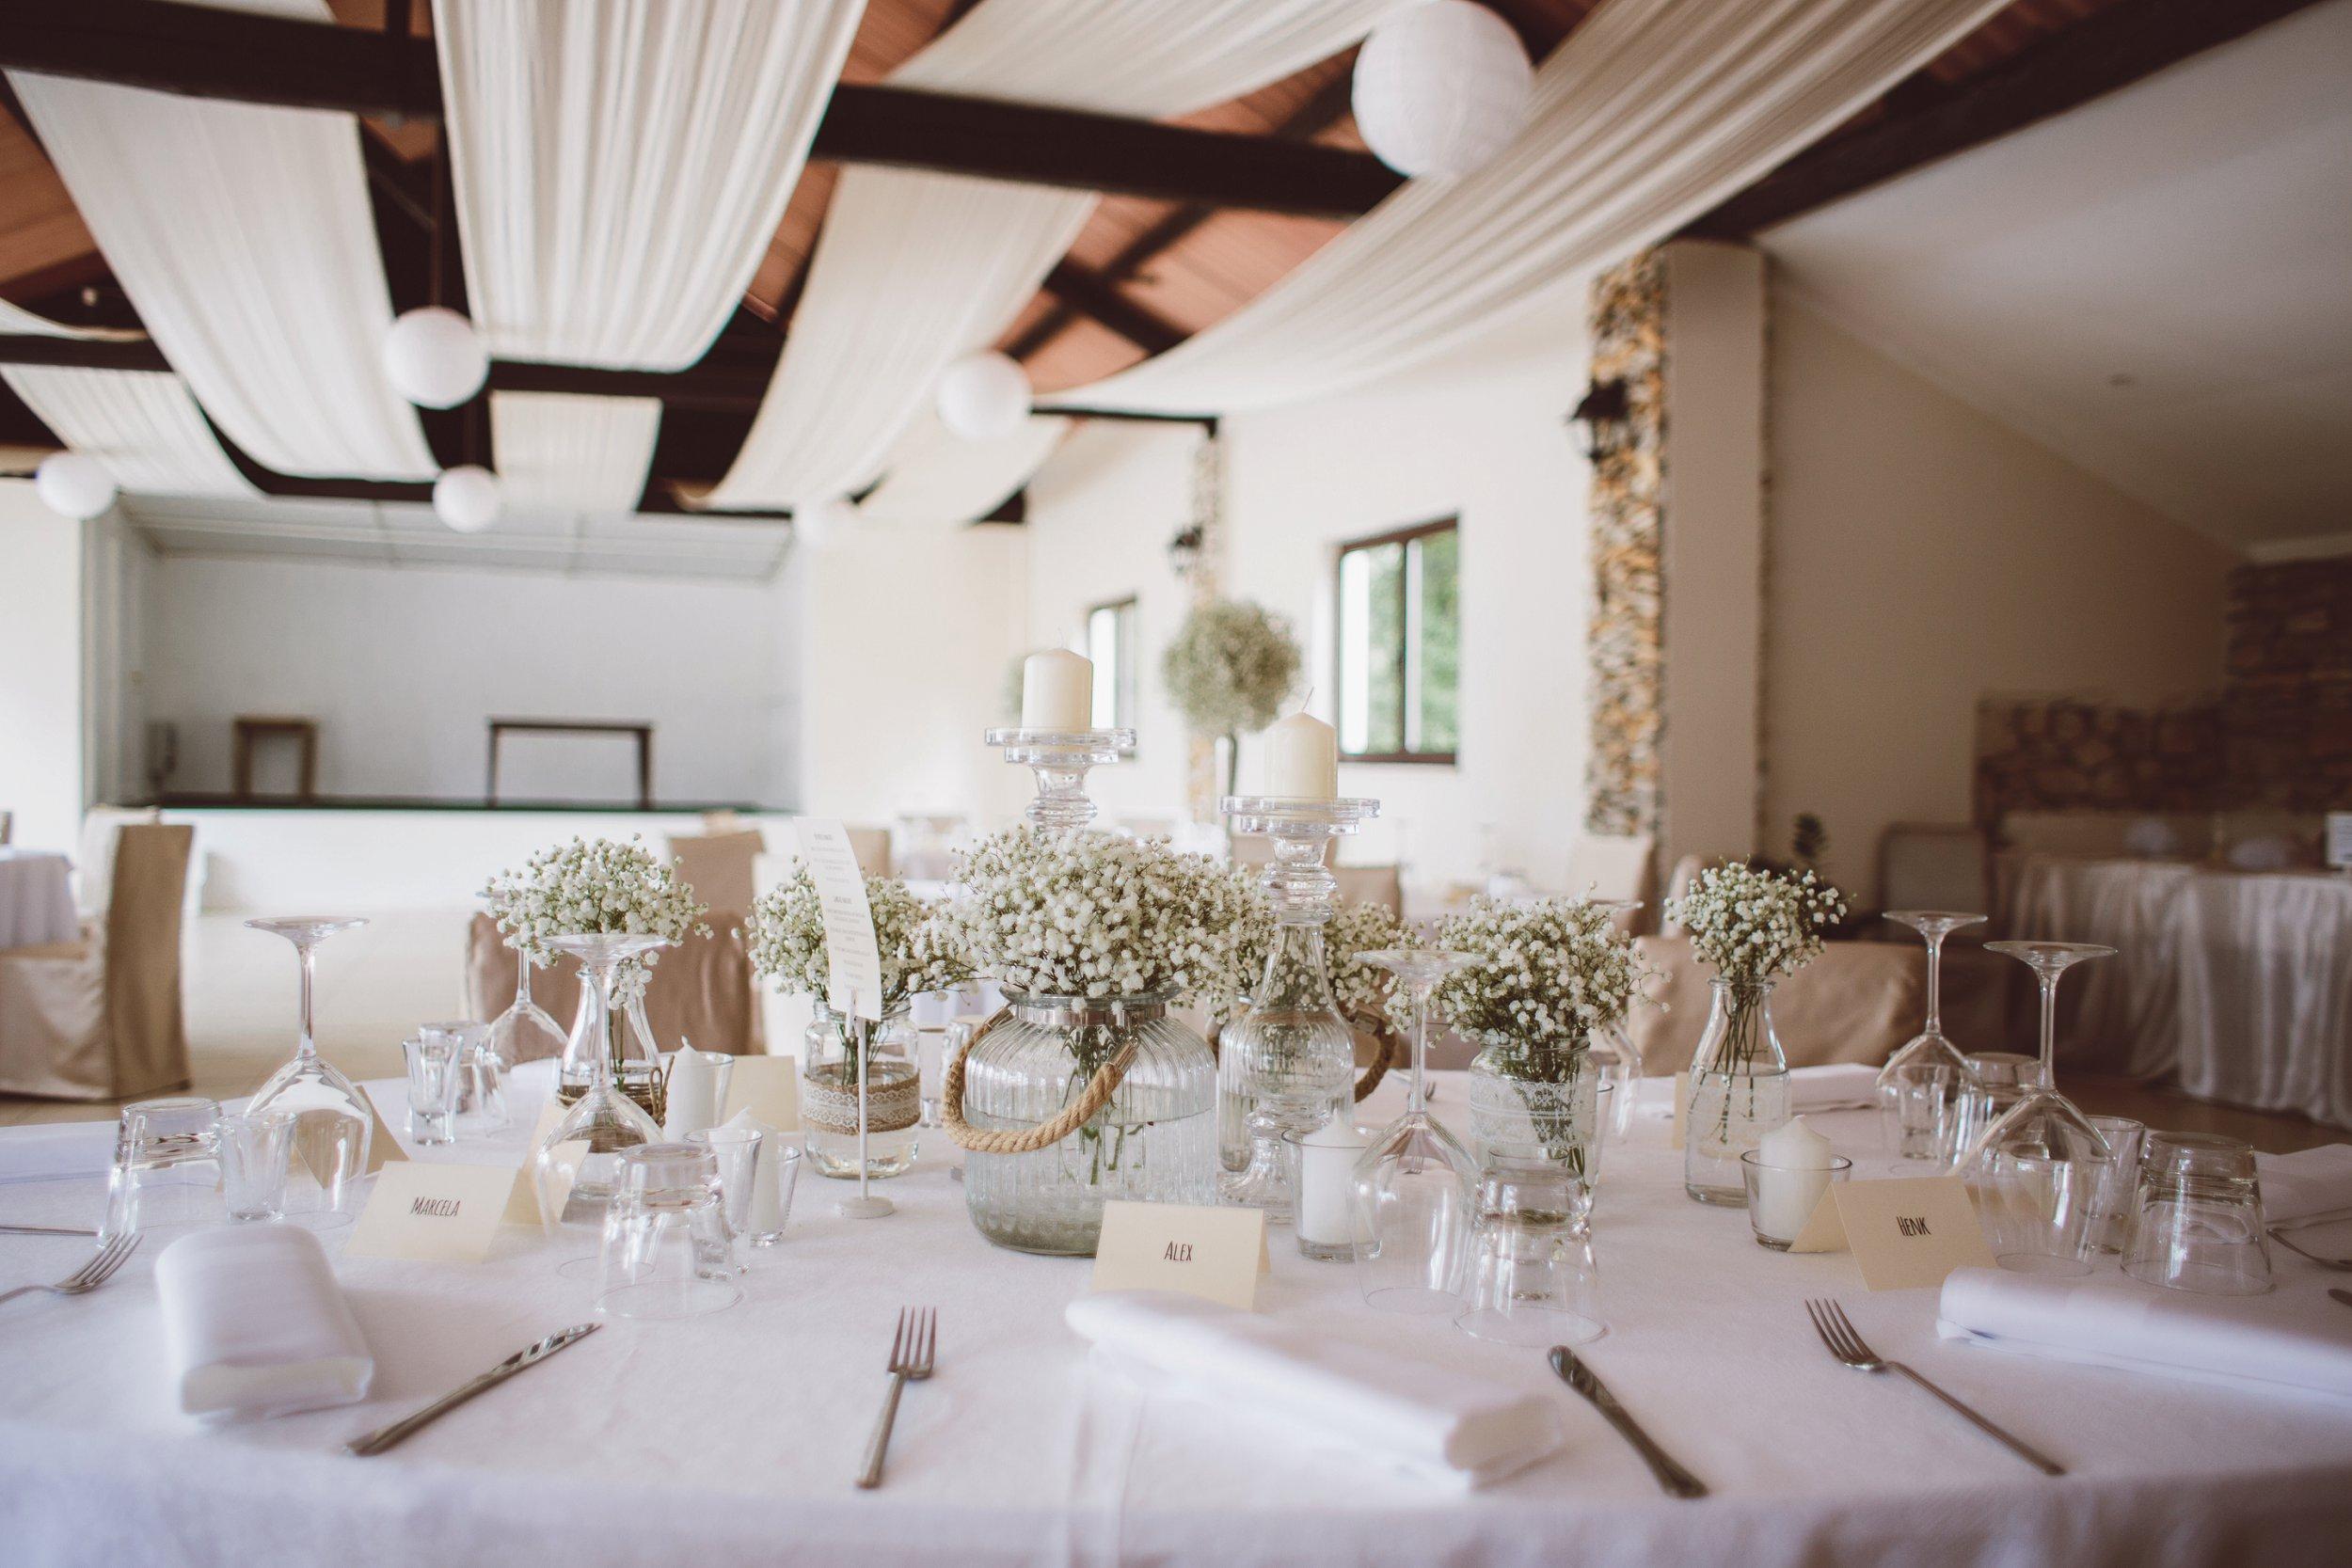 dalibora_bijelic_istria_wedding_0031